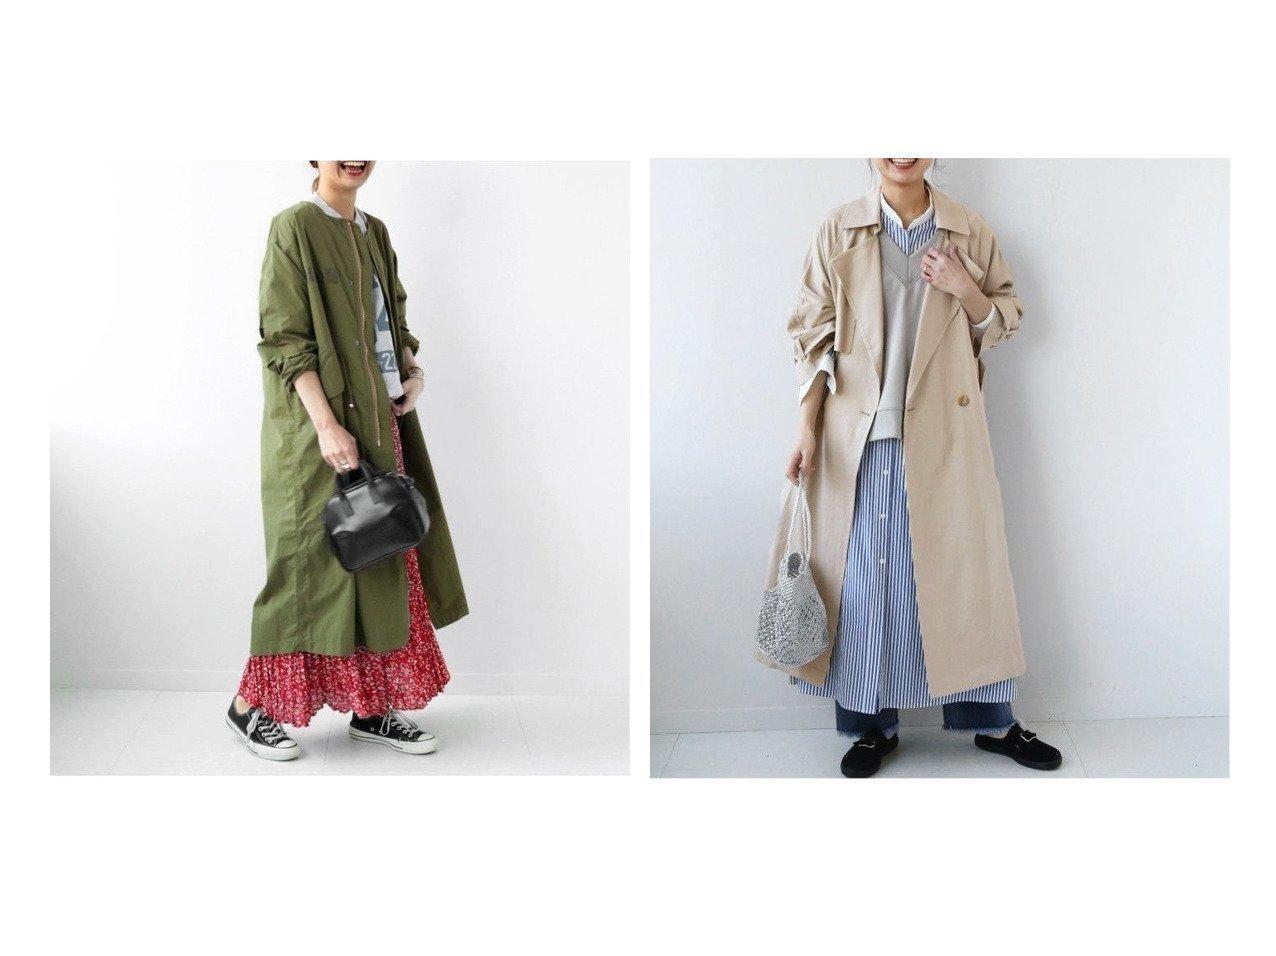 【JOURNAL STANDARD relume/ジャーナルスタンダード レリューム】のリネンレーヨンオーバーサイズトレンチ&《追加》コットンナイロンノーカラーモッズコート アウターのおすすめ!人気、トレンド・レディースファッションの通販 おすすめで人気の流行・トレンド、ファッションの通販商品 メンズファッション・キッズファッション・インテリア・家具・レディースファッション・服の通販 founy(ファニー) https://founy.com/ ファッション Fashion レディースファッション WOMEN アウター Coat Outerwear コート Coats モッズ/フィールドコート Mods Field Coats トレンチコート Trench Coats 2021年 2021 2021 春夏 S/S SS Spring/Summer 2021 S/S 春夏 SS Spring/Summer シンプル モッズコート 再入荷 Restock/Back in Stock/Re Arrival 定番 Standard 春 Spring |ID:crp329100000023573